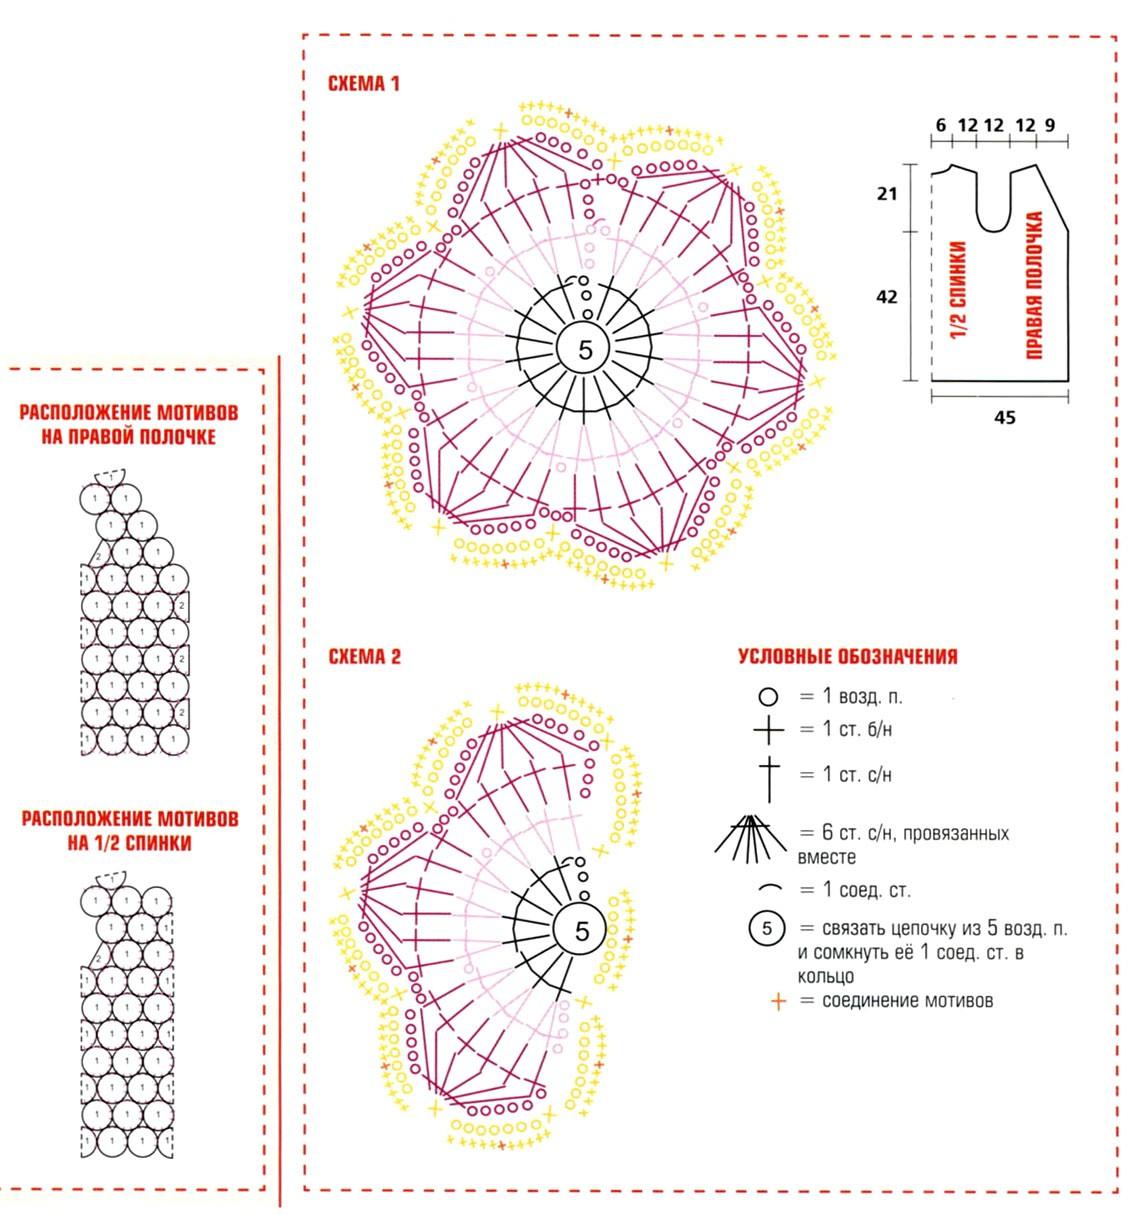 ажурные цветки, соединяя их между собой в последнем ряду по схемам расположения мотивов. связать.